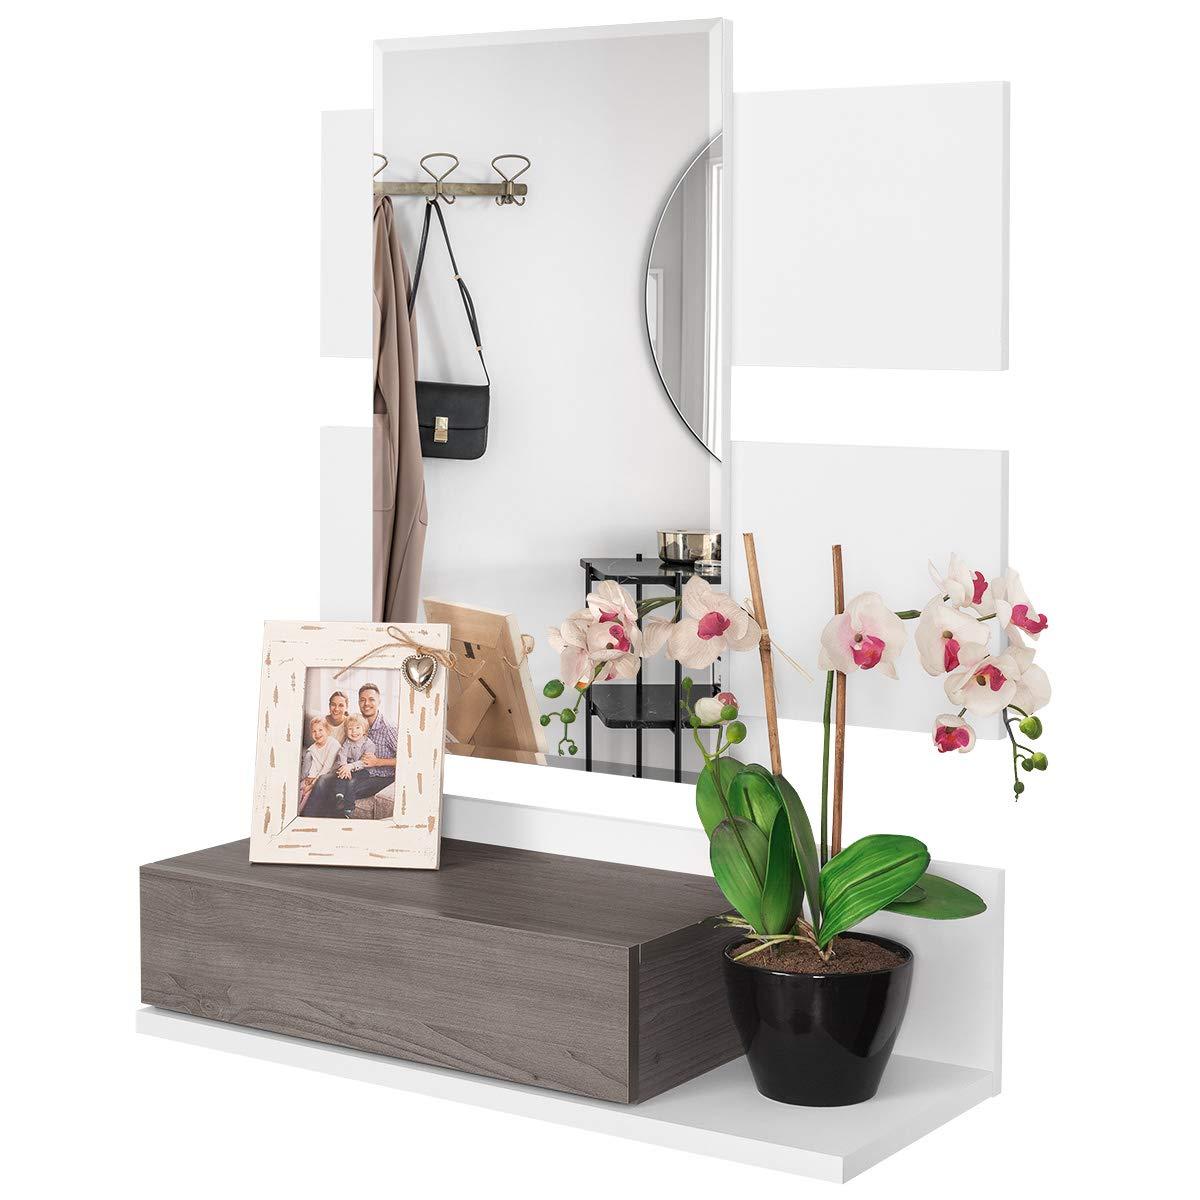 COMIFORT Recibidor Colgante - Mueble de Entrada con Cajón, Espejo ...